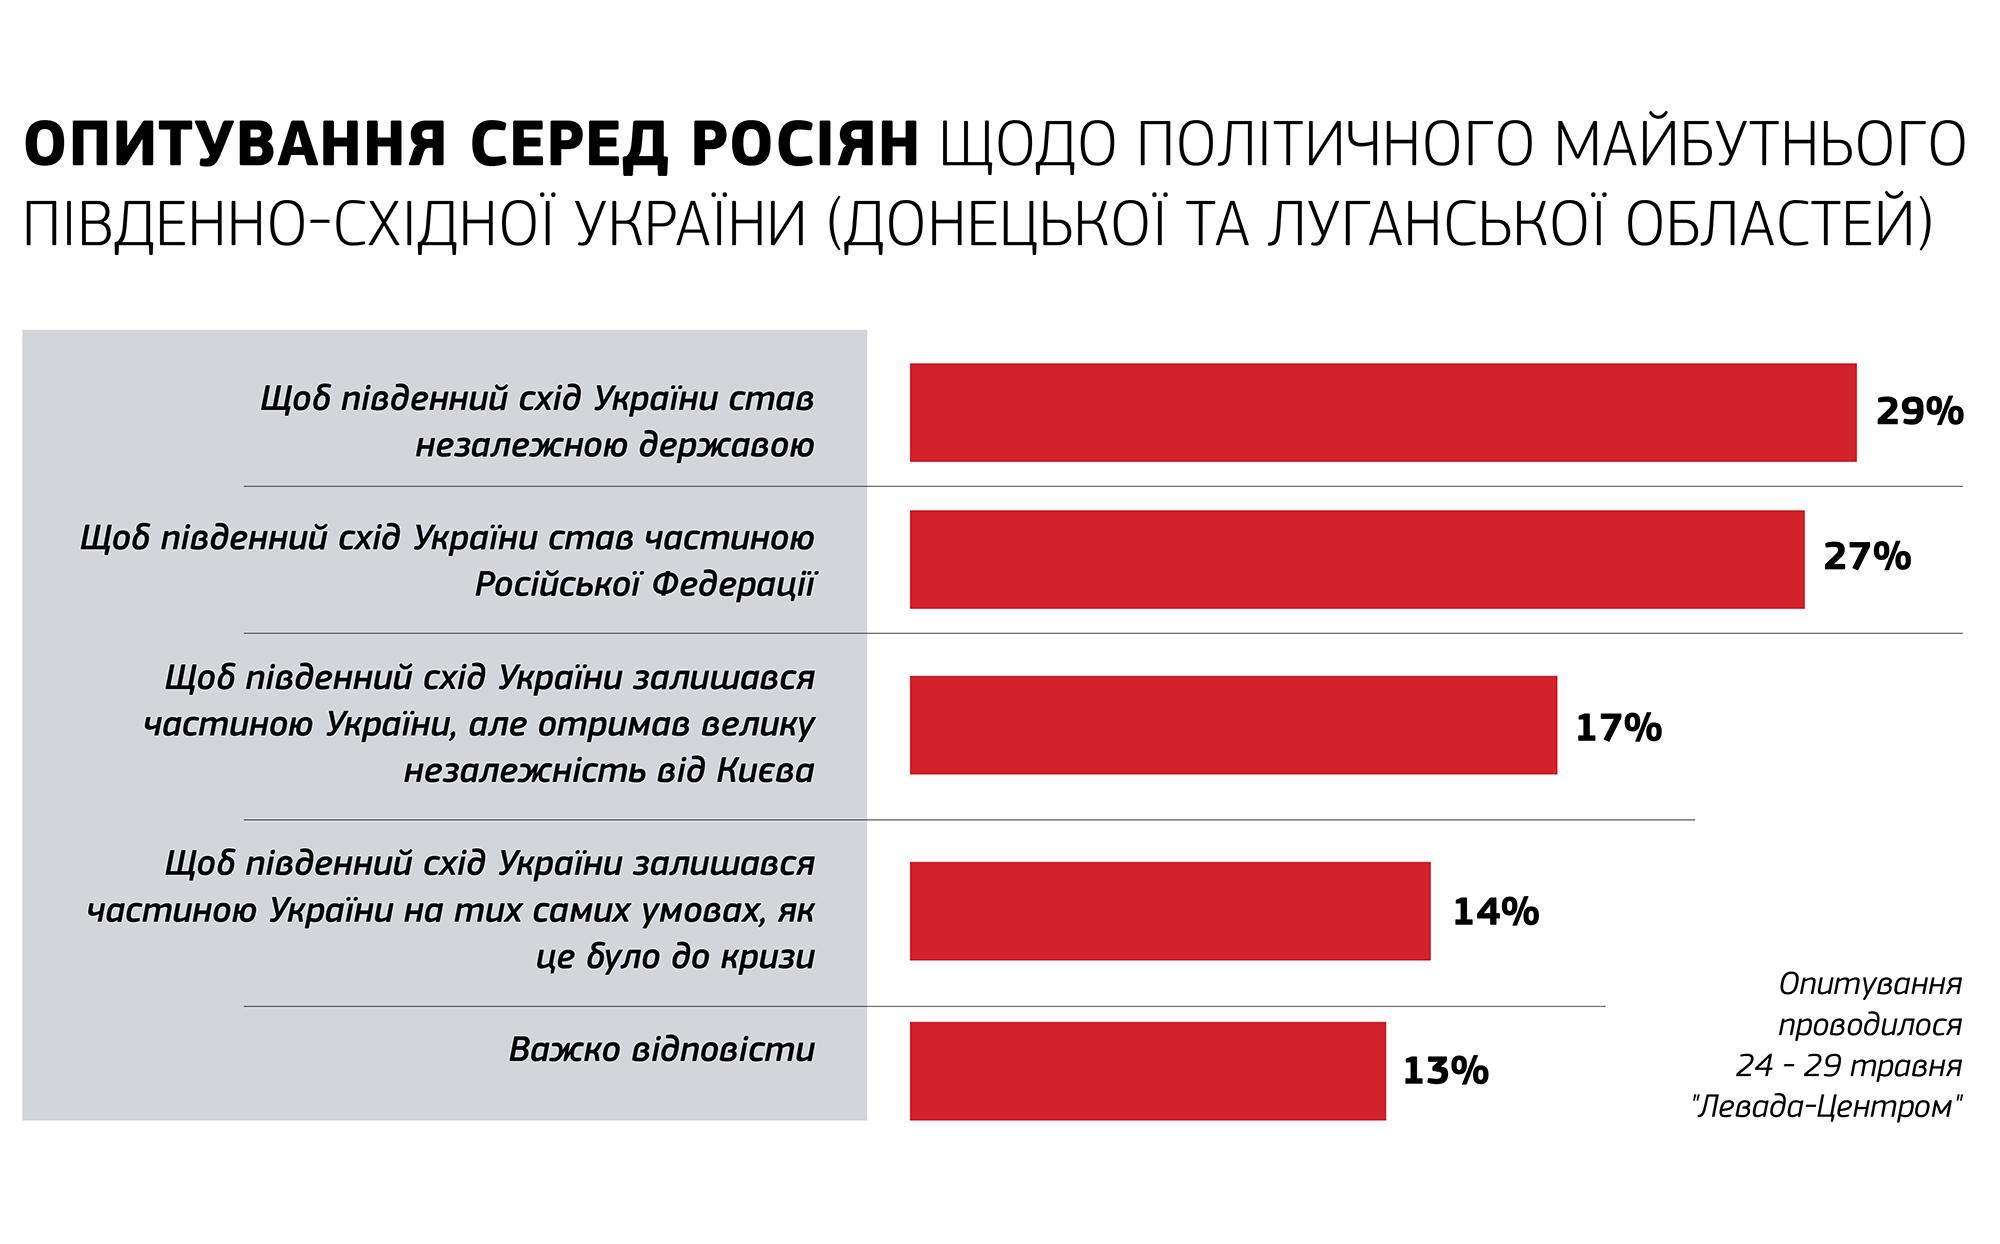 опитування росіян